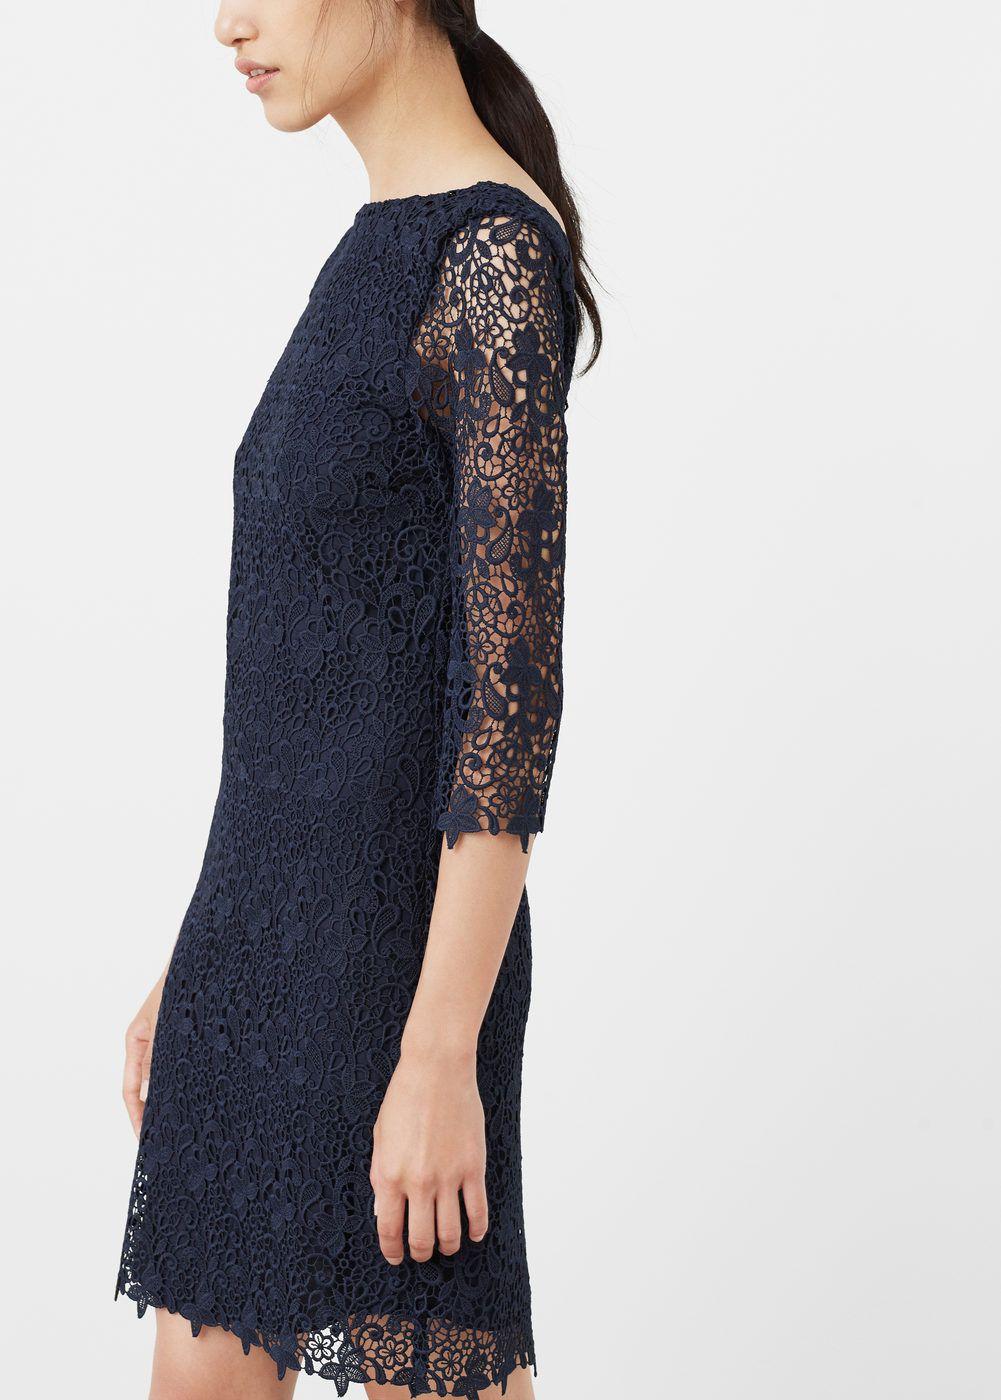 5aaee6dbabcc Vestido guipur - Mujer | compras secretas | Vestidos, Vestido guipur ...